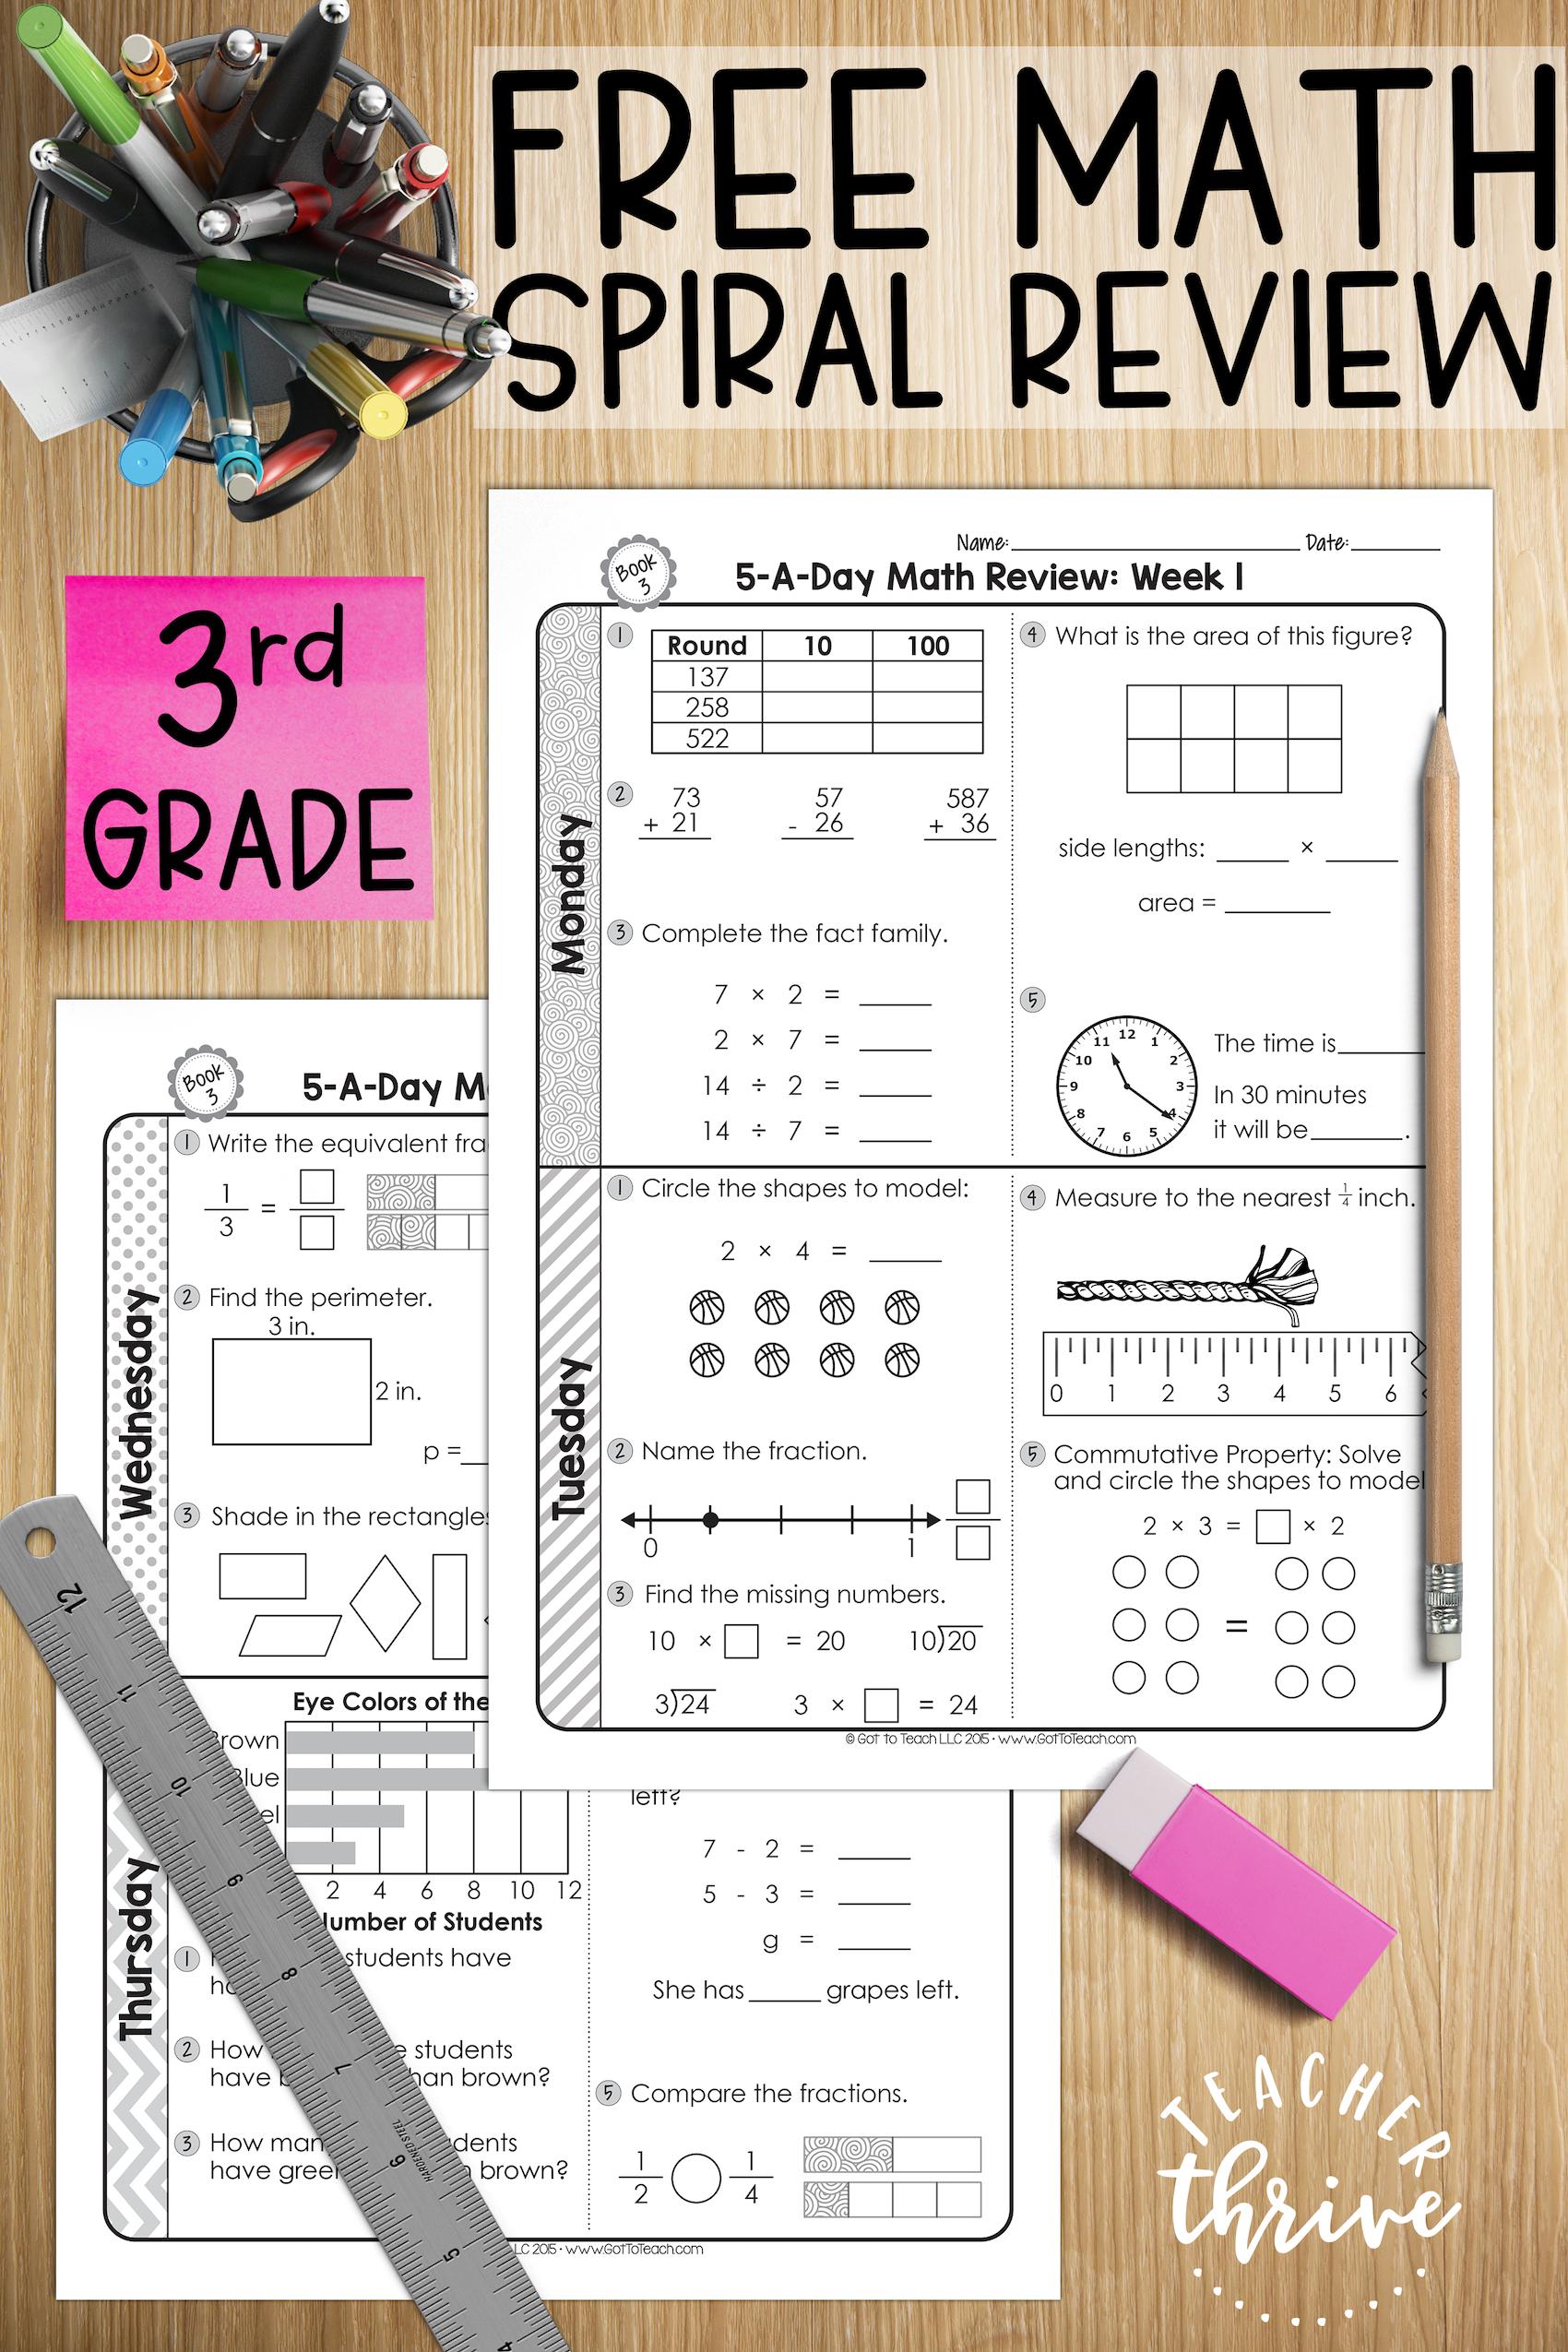 FREE 3rd Grade Daily Math Spiral Review • Teacher Thrive   Math spiral  review [ 2550 x 1700 Pixel ]